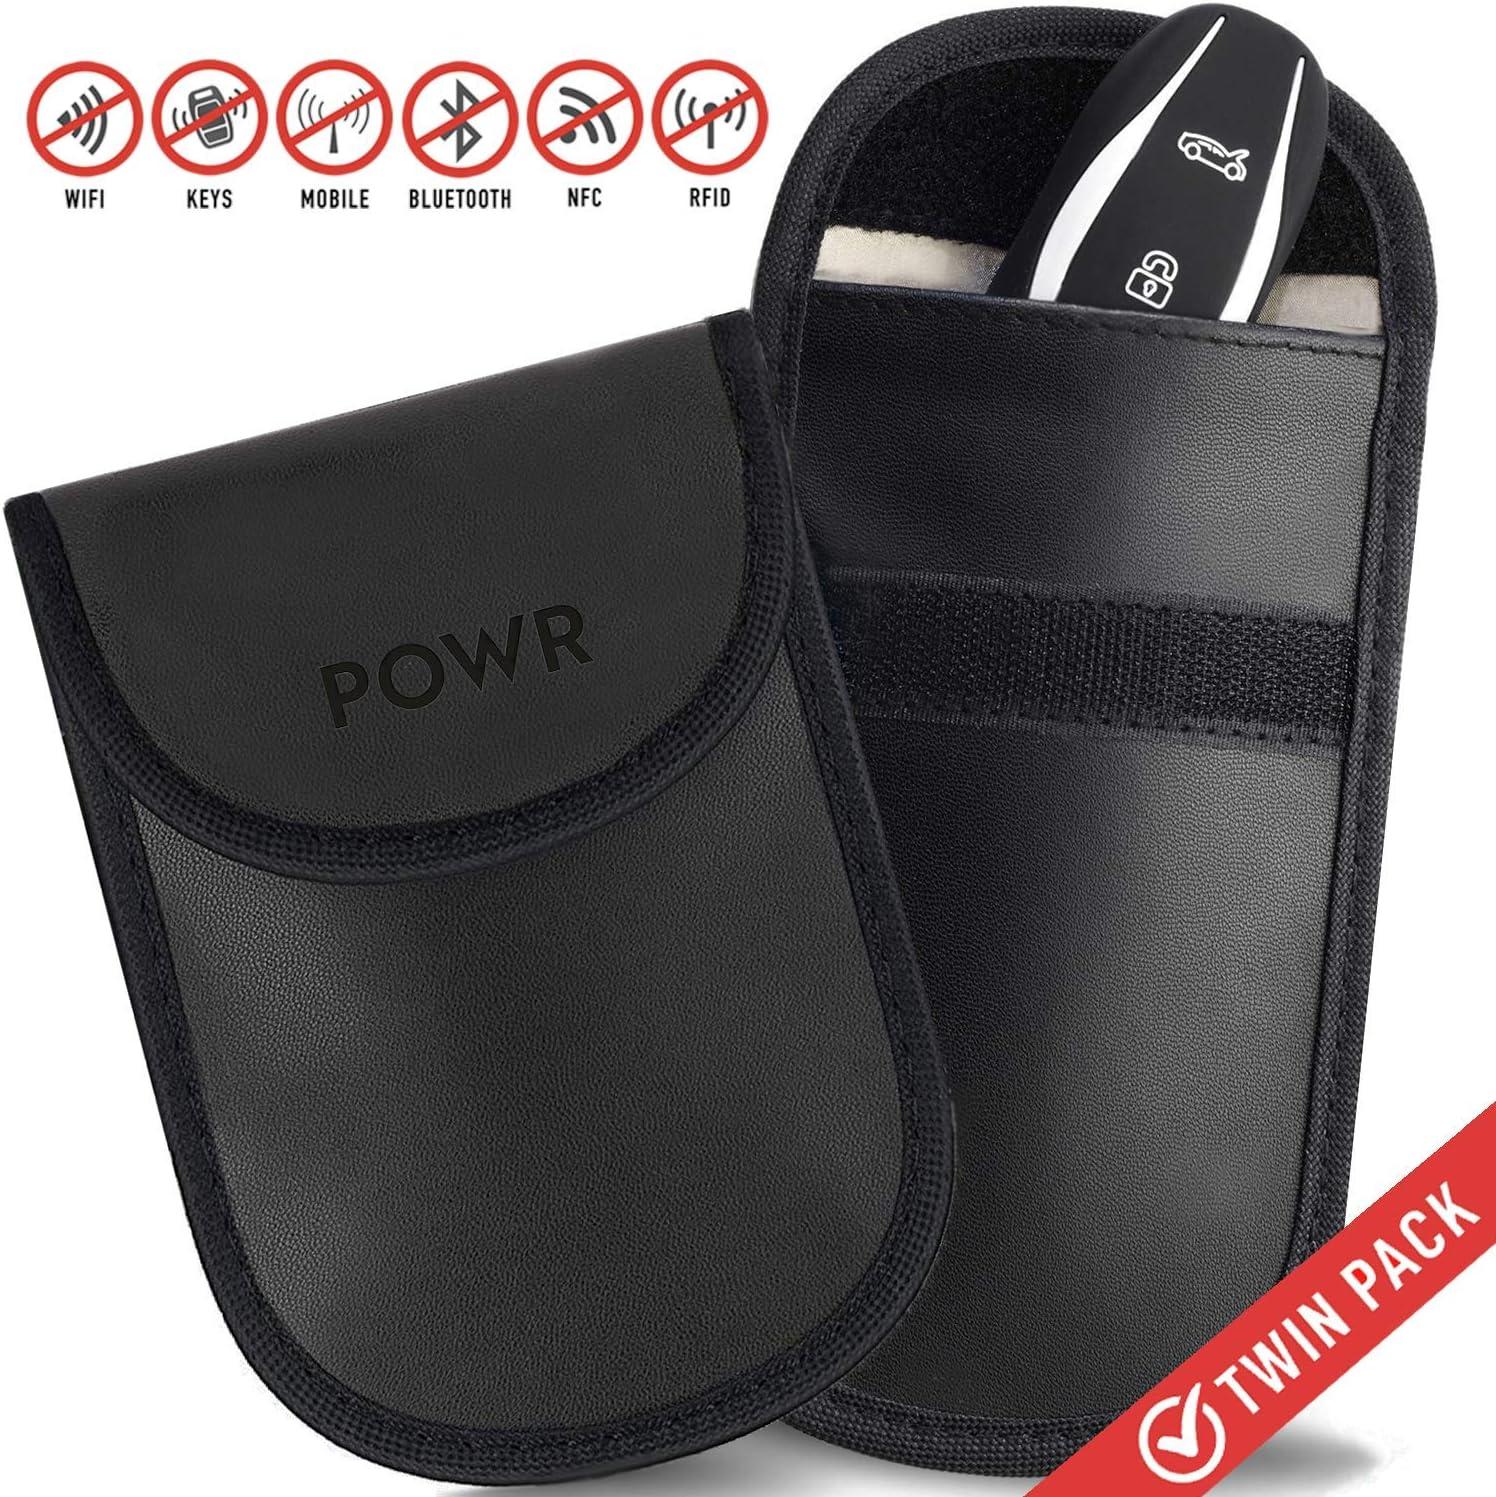 2x Car Key Signal Blocker Cases Safety Fob Pouch Keyless RFID Blocking Bag Black